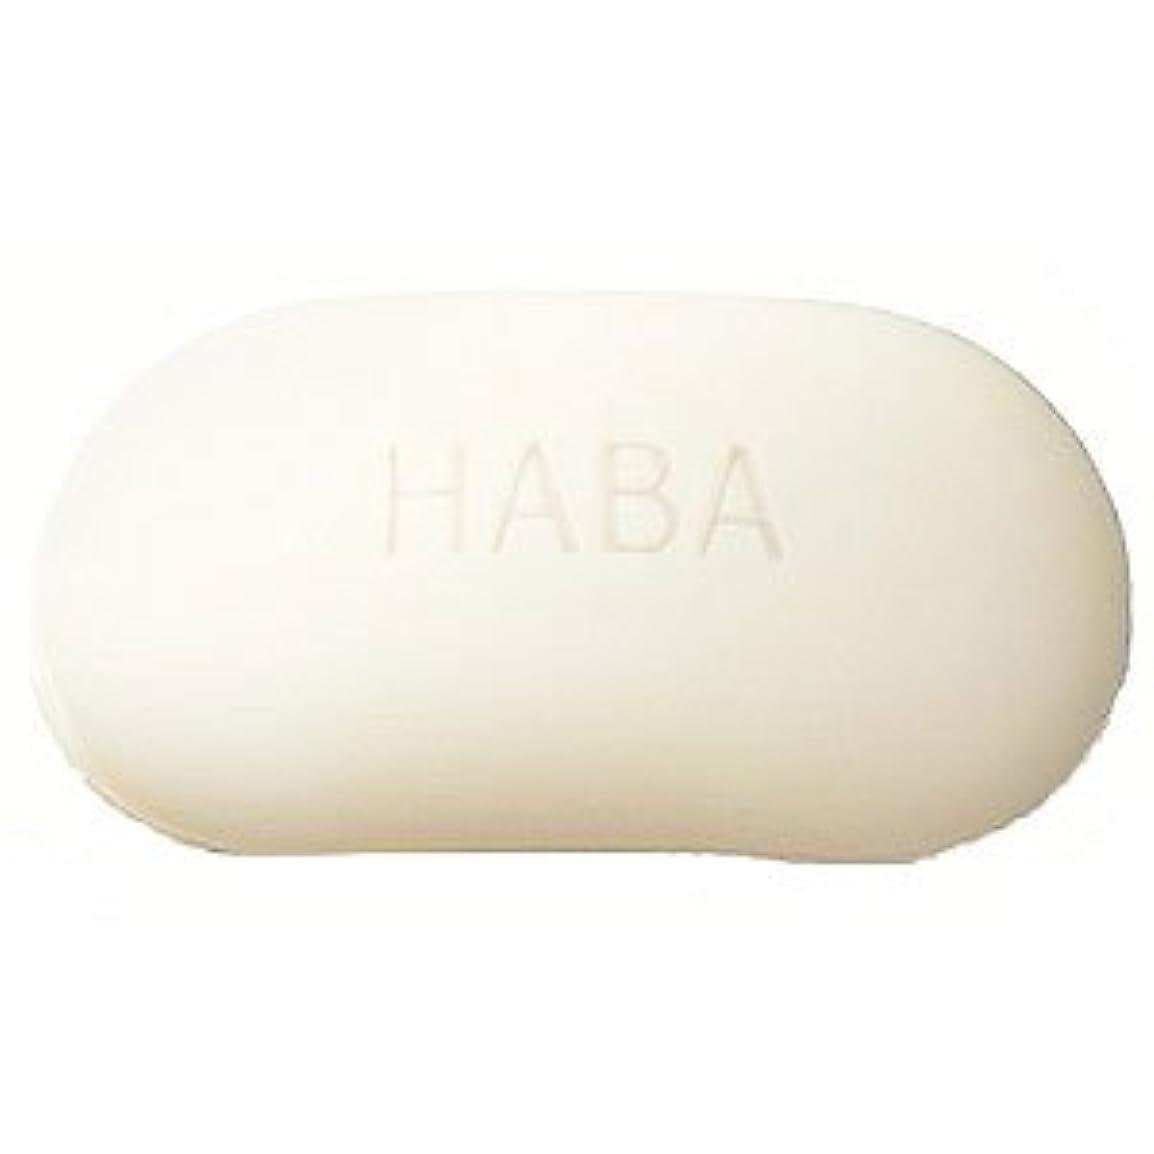 船乗りピン操作可能HABA 絹泡石けん 2個組<HABA/ハーバー(ハーバー研究所)>